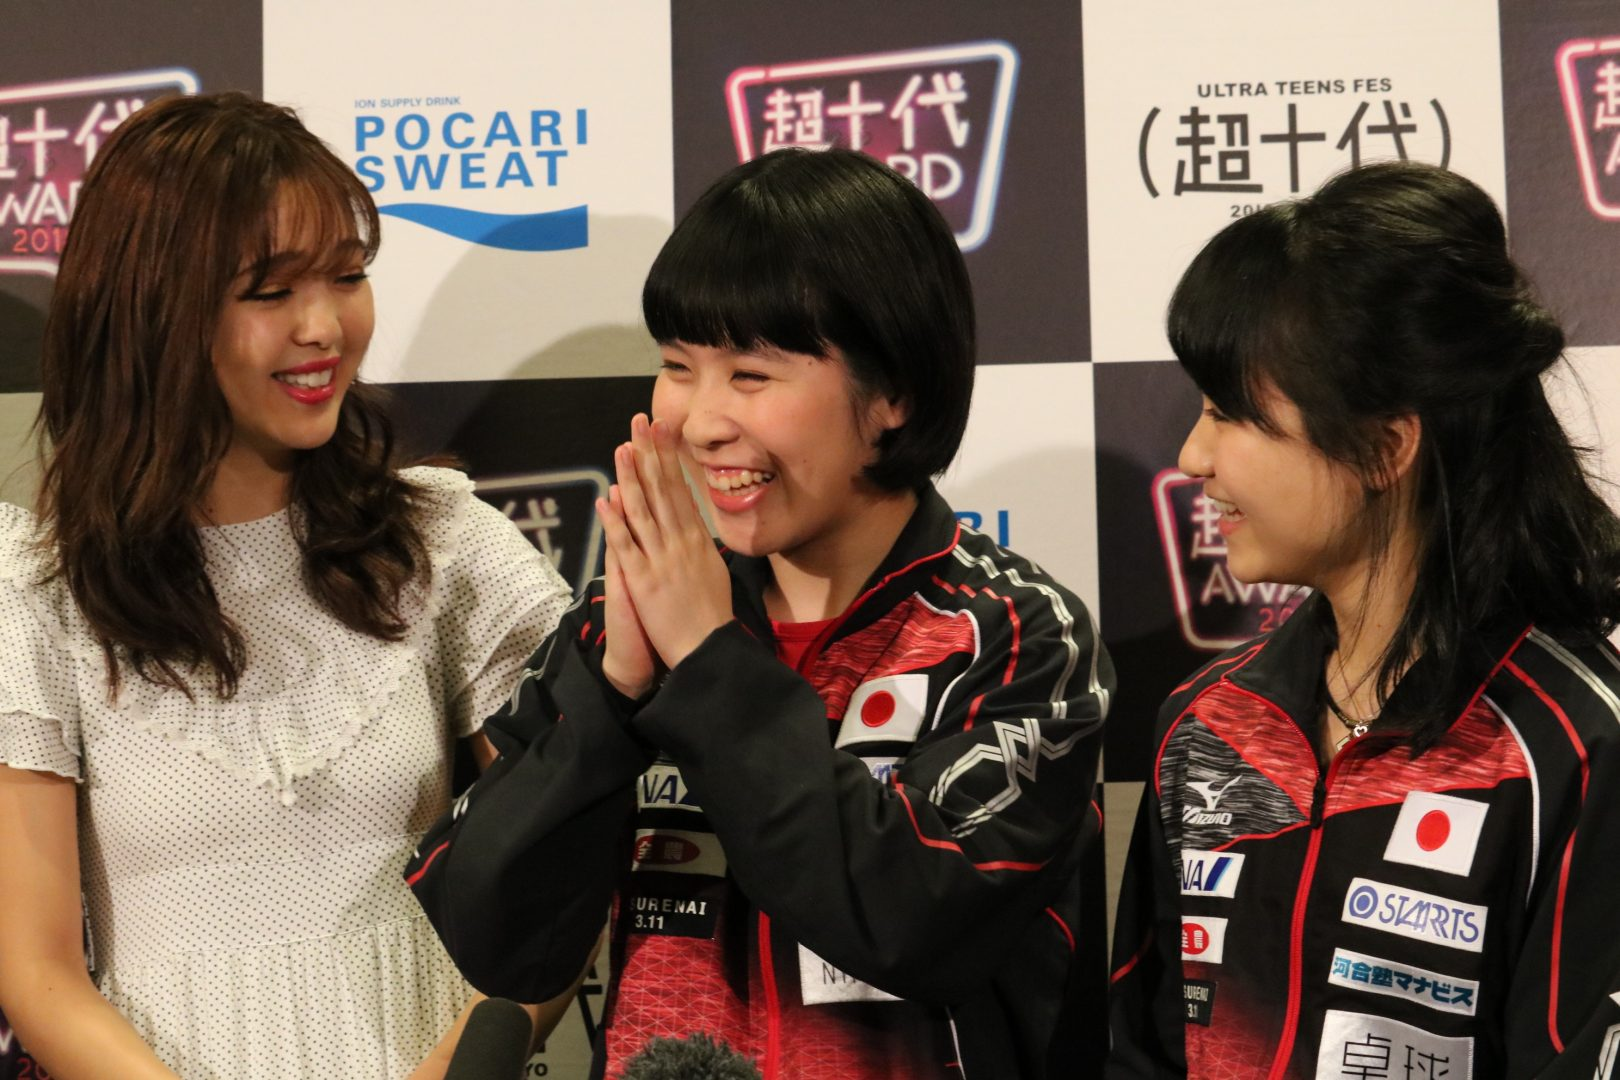 「みう・みま」 10代向けイベントに登場 藤田ニコルと女子トーク